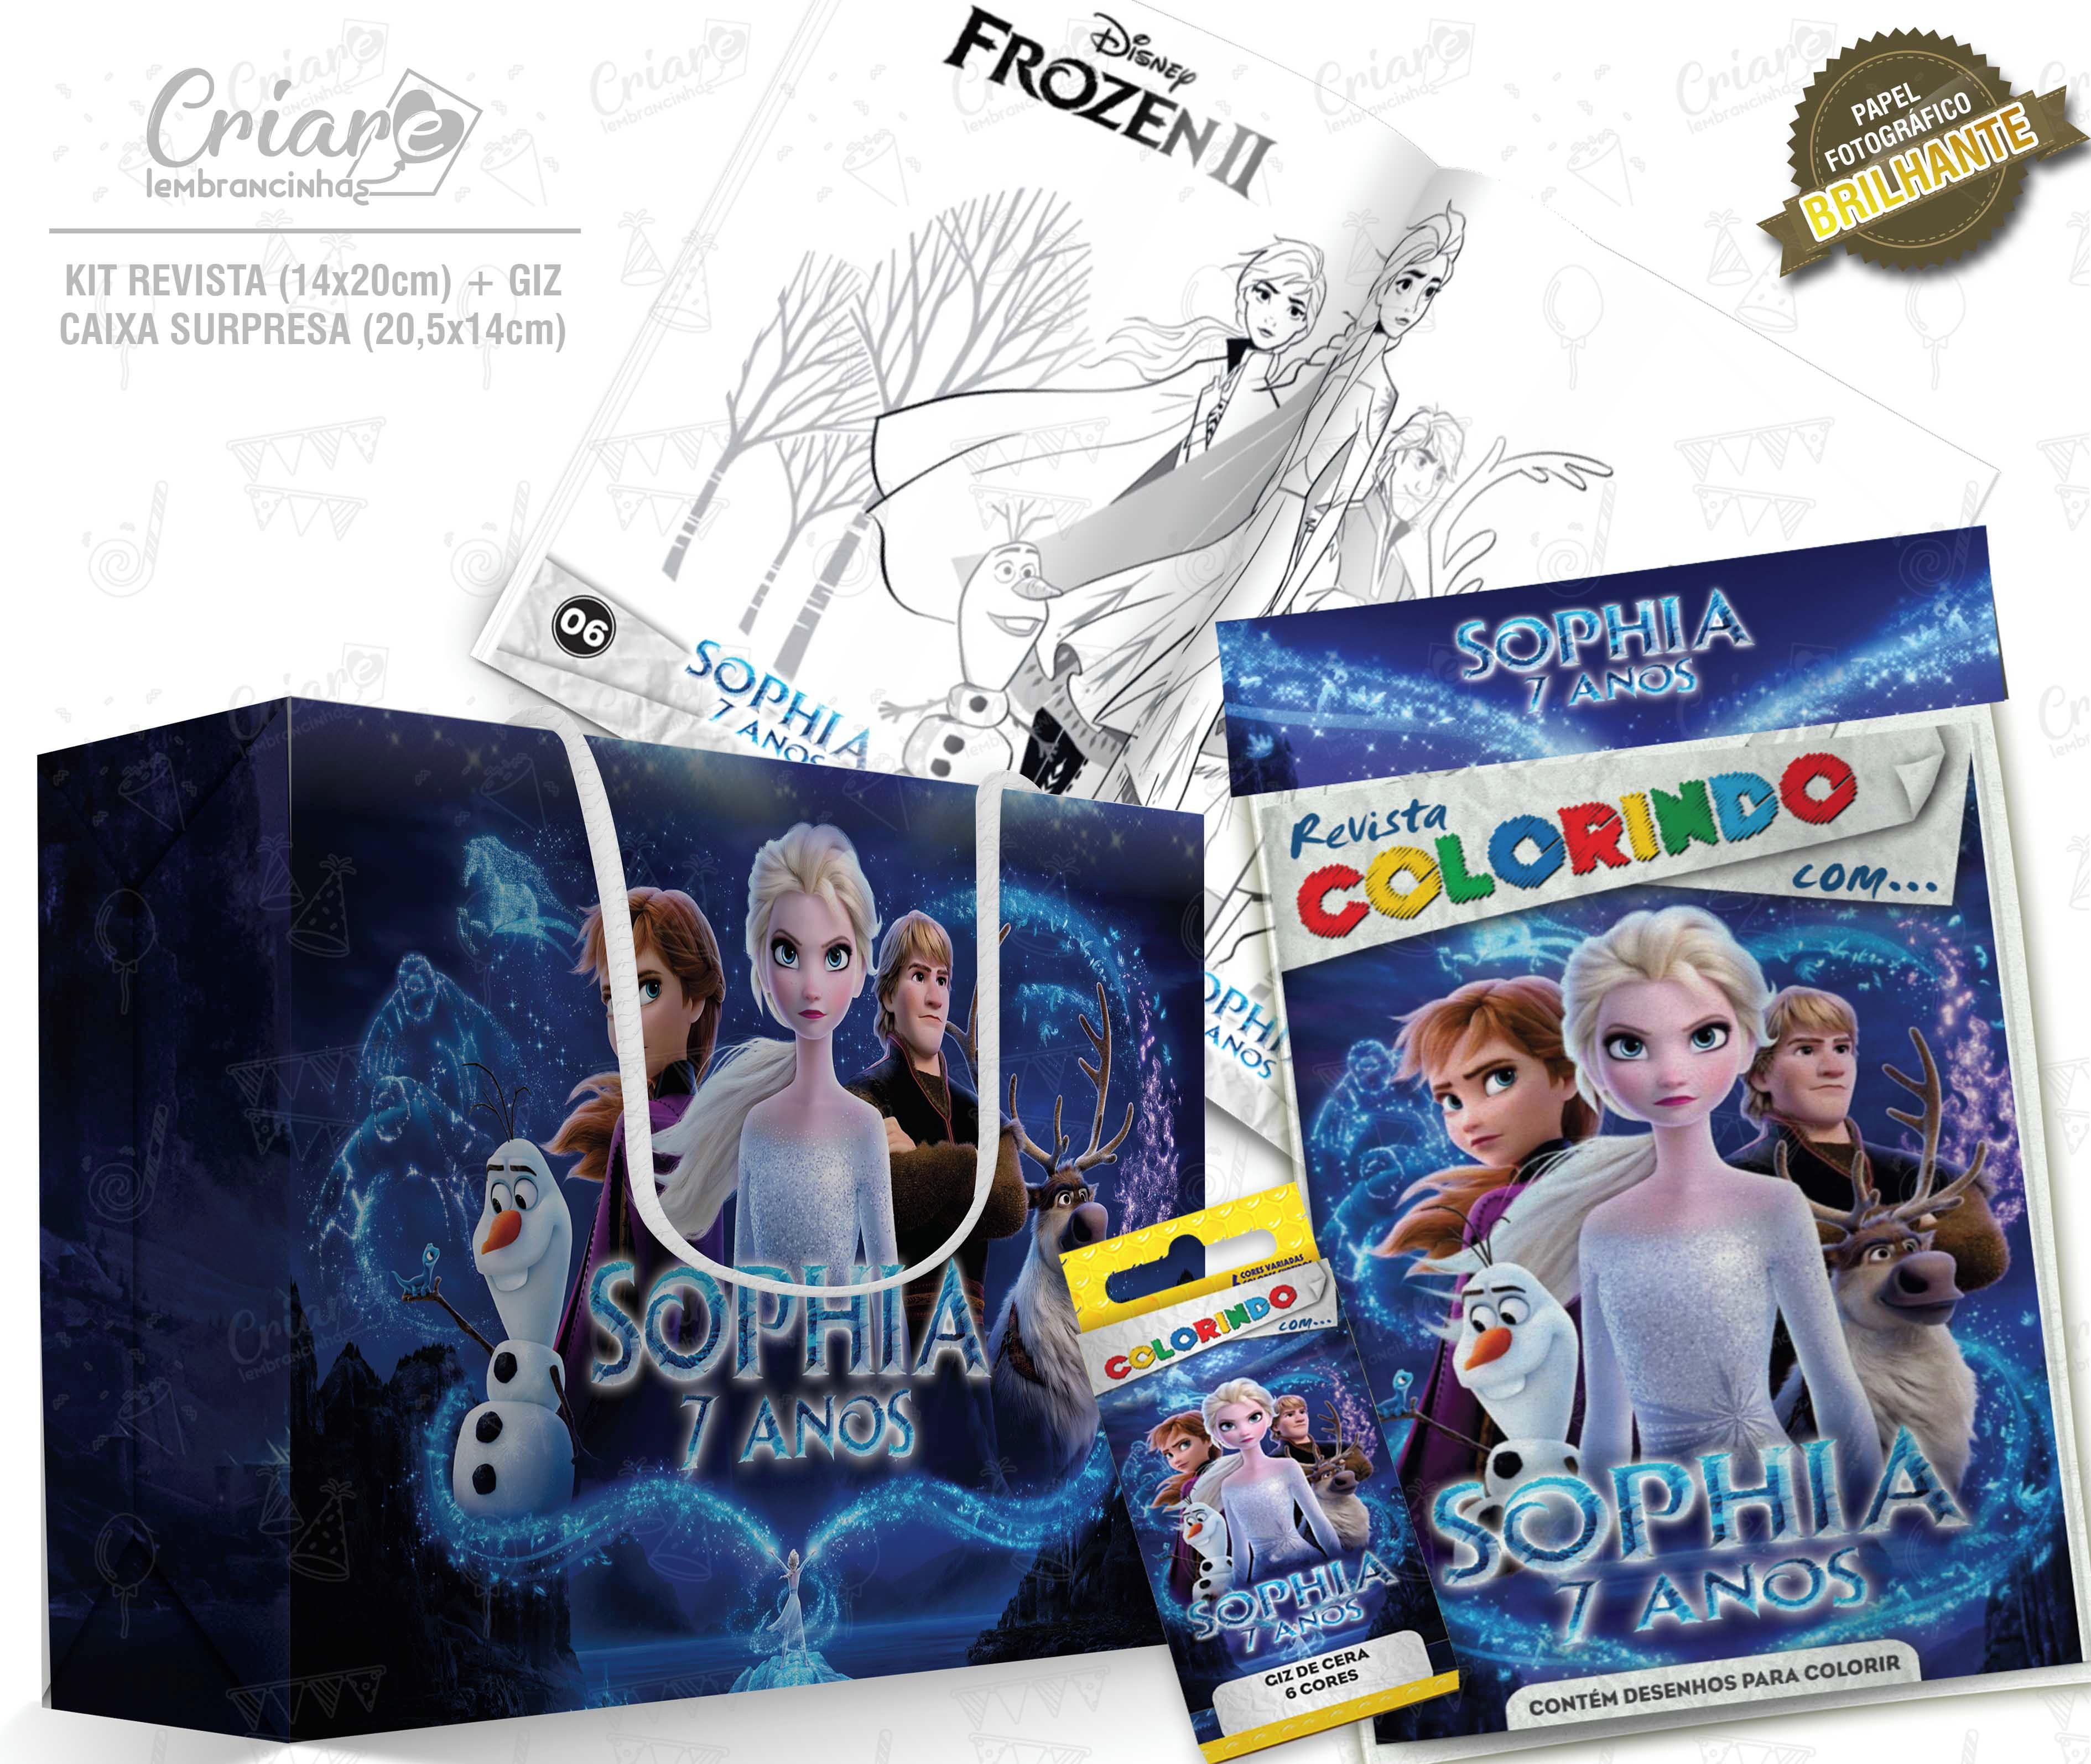 Caixa Surpresa Kit De Colorir Frozen 2 Modelo 1 No Elo7